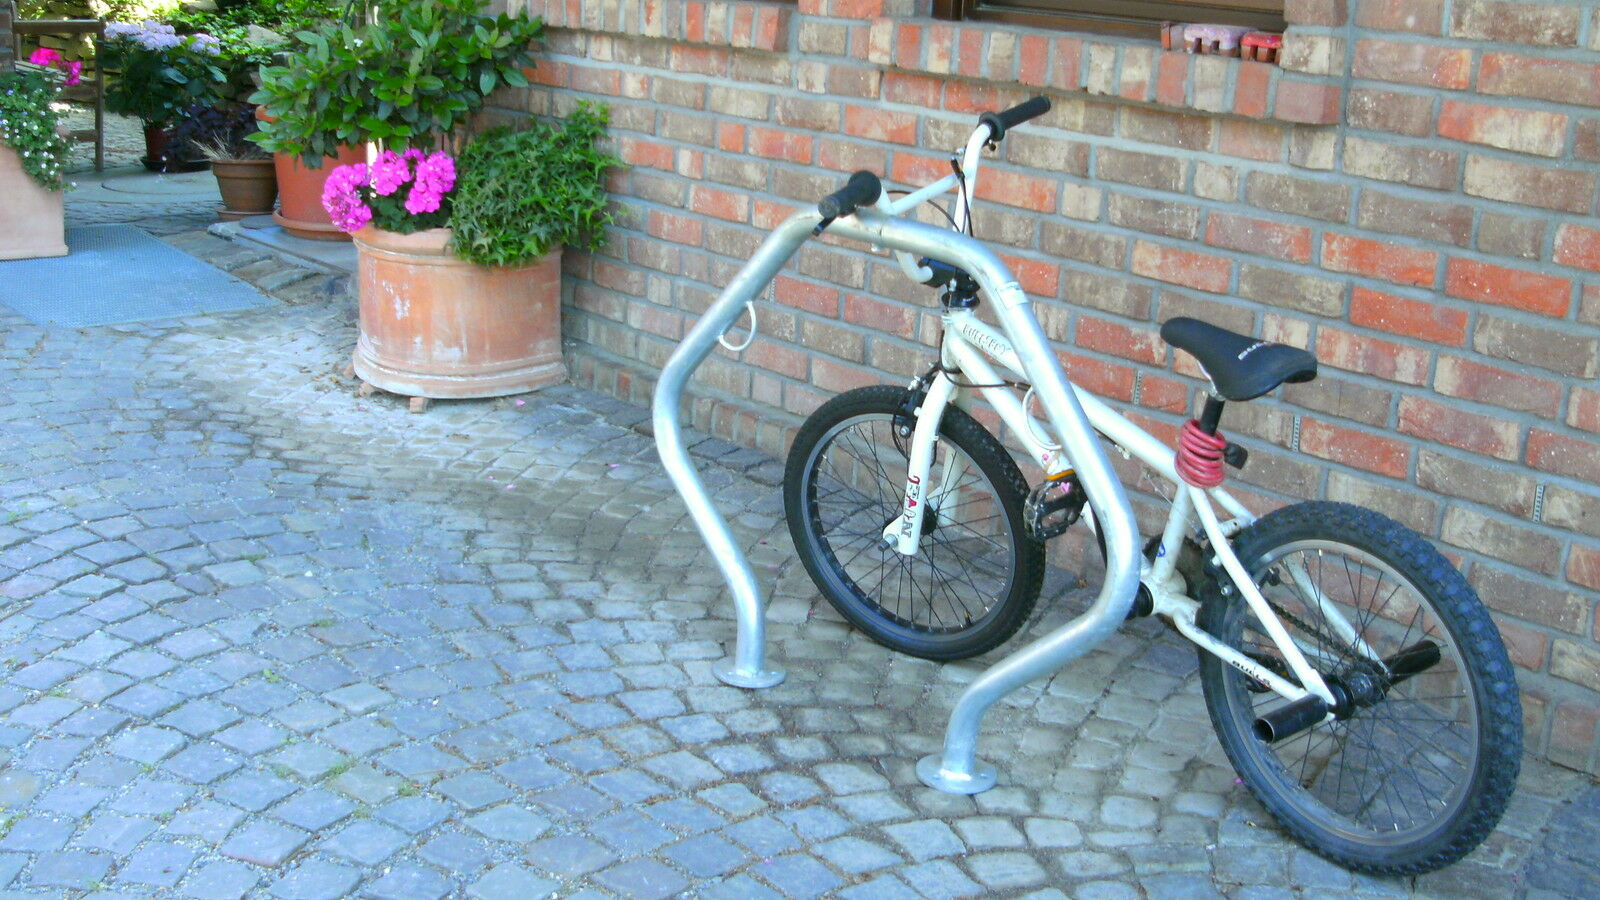 1st supporto bicicletta anlehnparker absperrbügel DISSUASORE PARCHEGGIO montanti parcheggiare BIKE